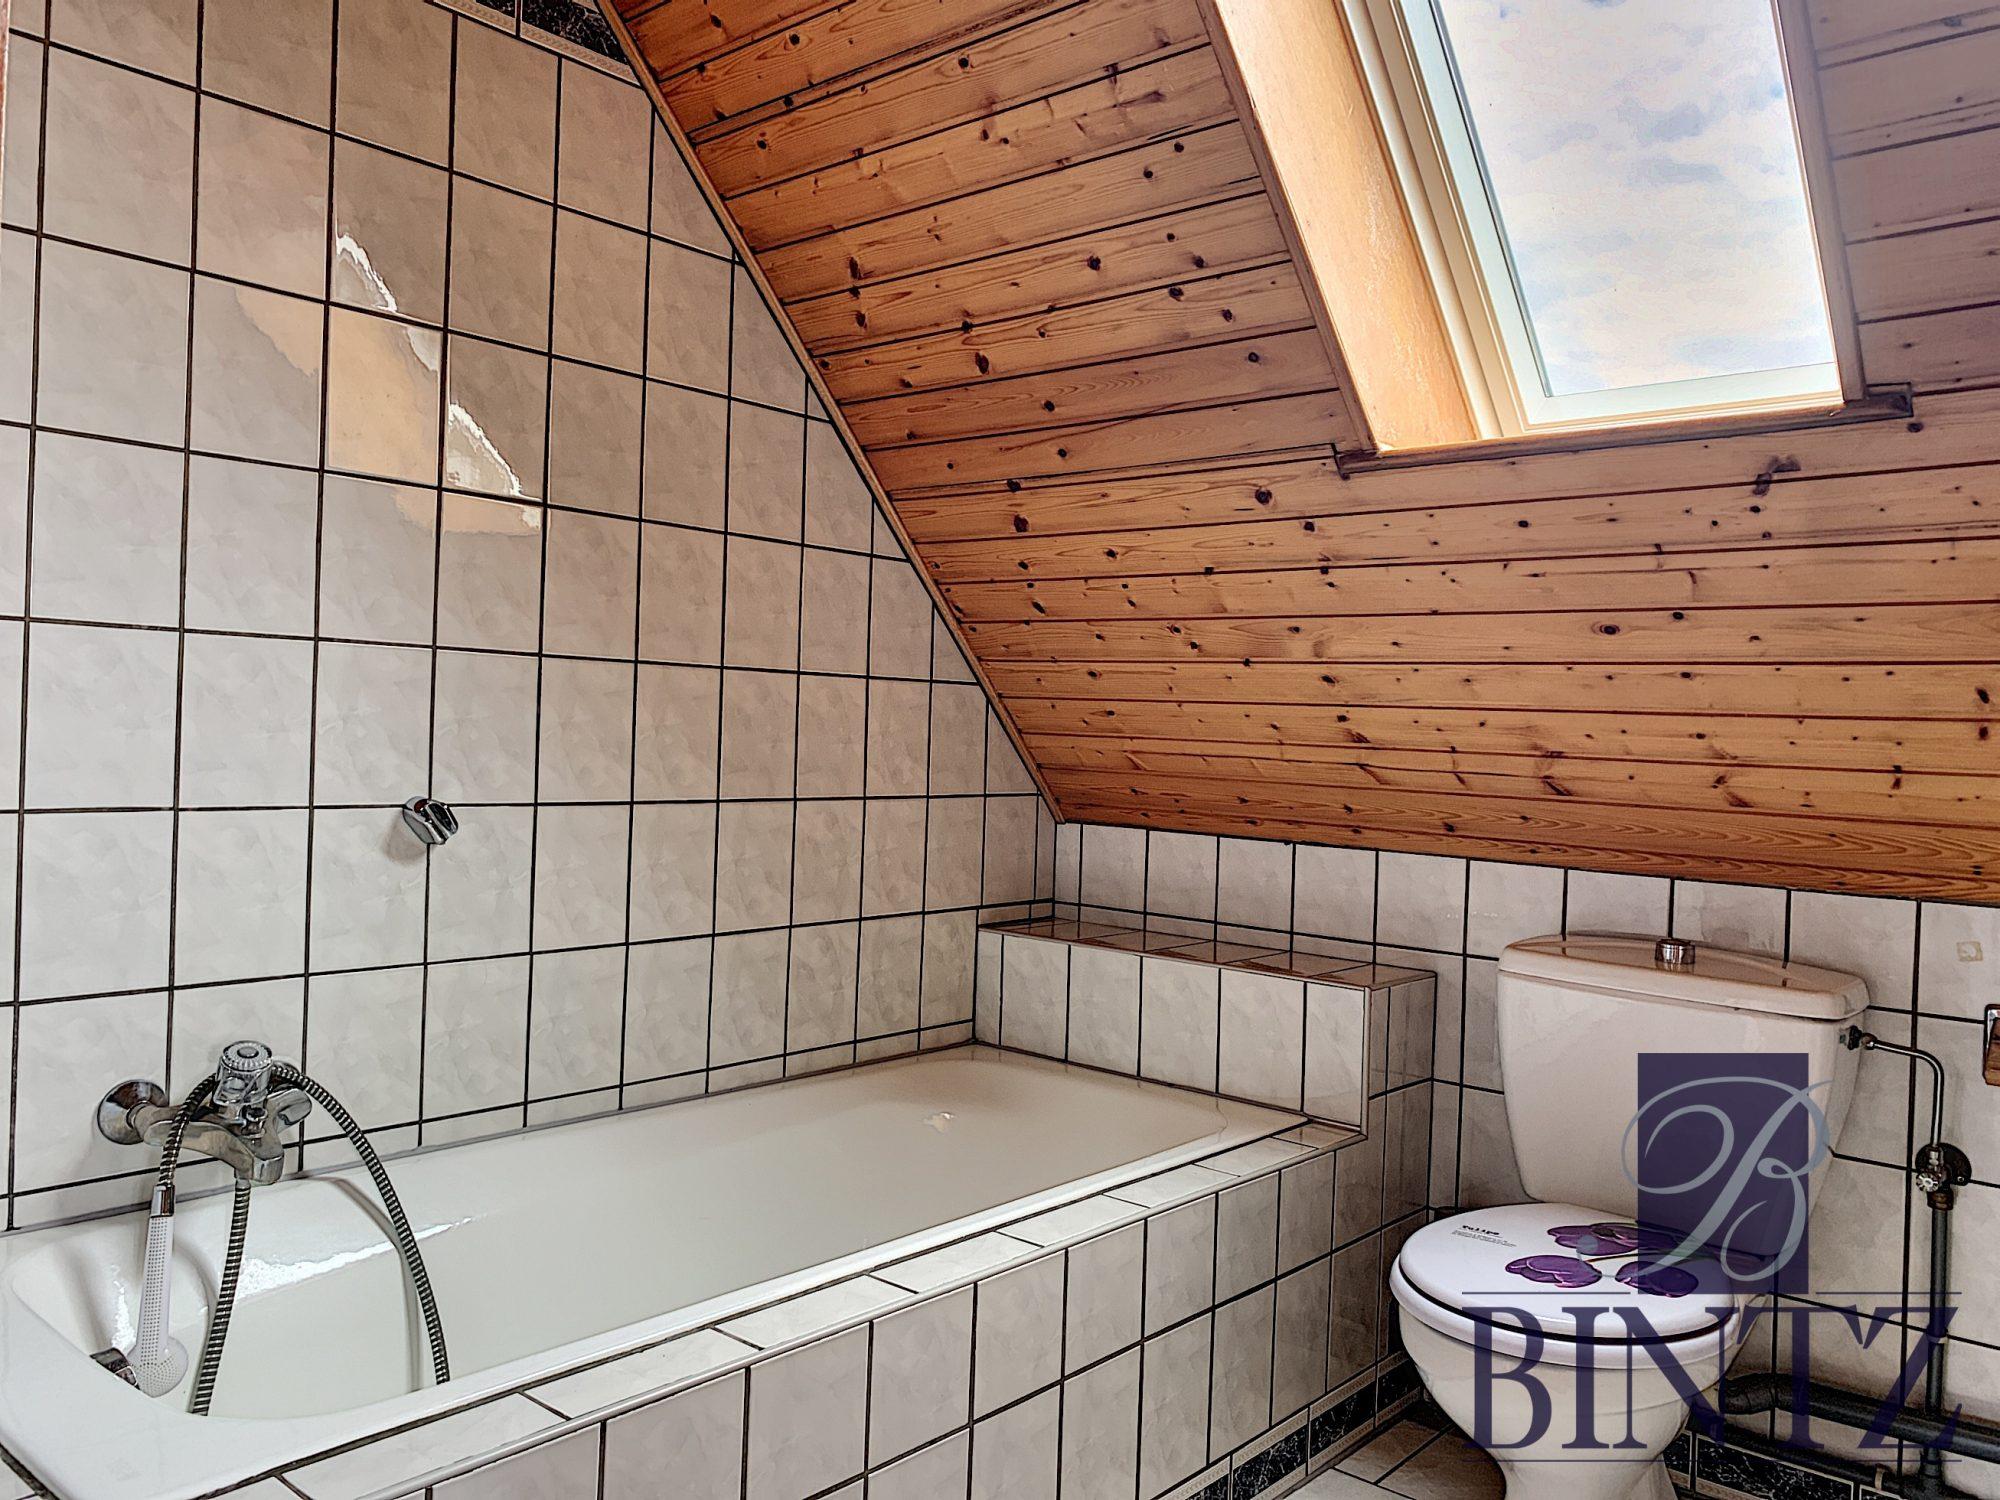 Charmant T3 Duplex avec belle terrasse - Devenez propriétaire en toute confiance - Bintz Immobilier - 10